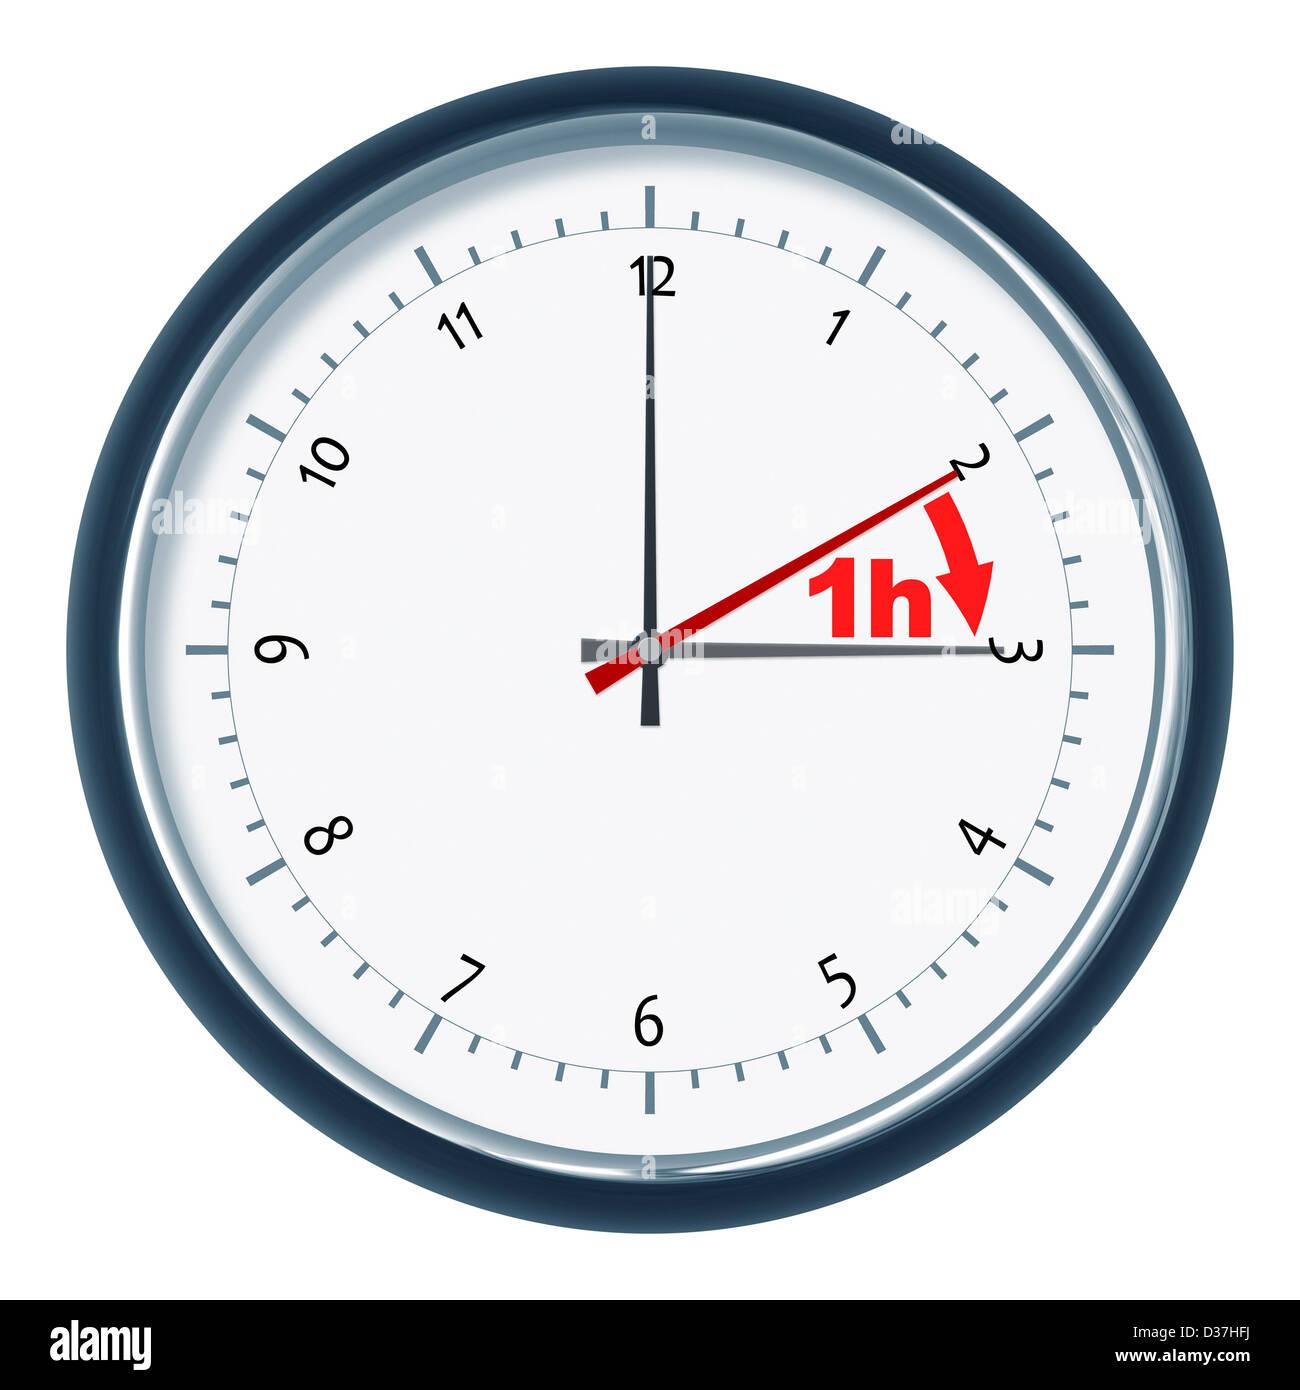 An image of a nice clock daylight saving time 1h - Stock Image